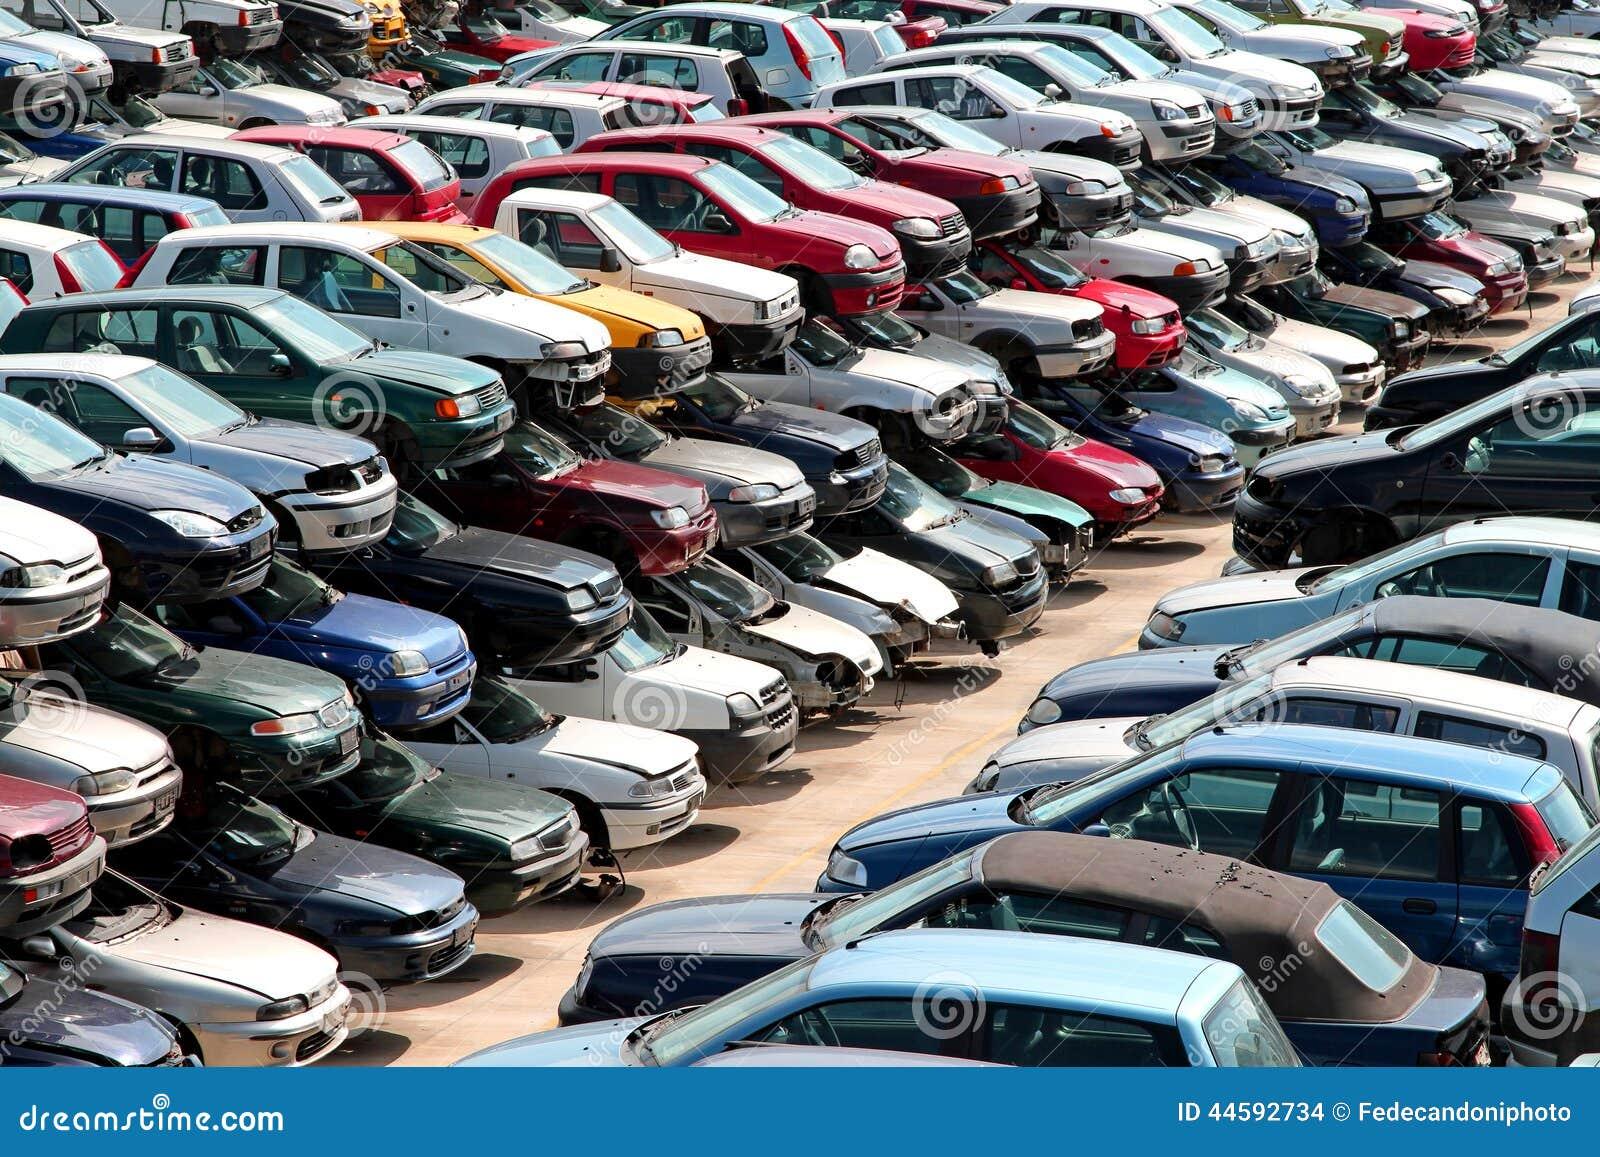 Carros Destru 237 Dos No P 225 Tio Do Cemit 233 Rio De Autom 243 Veis Do